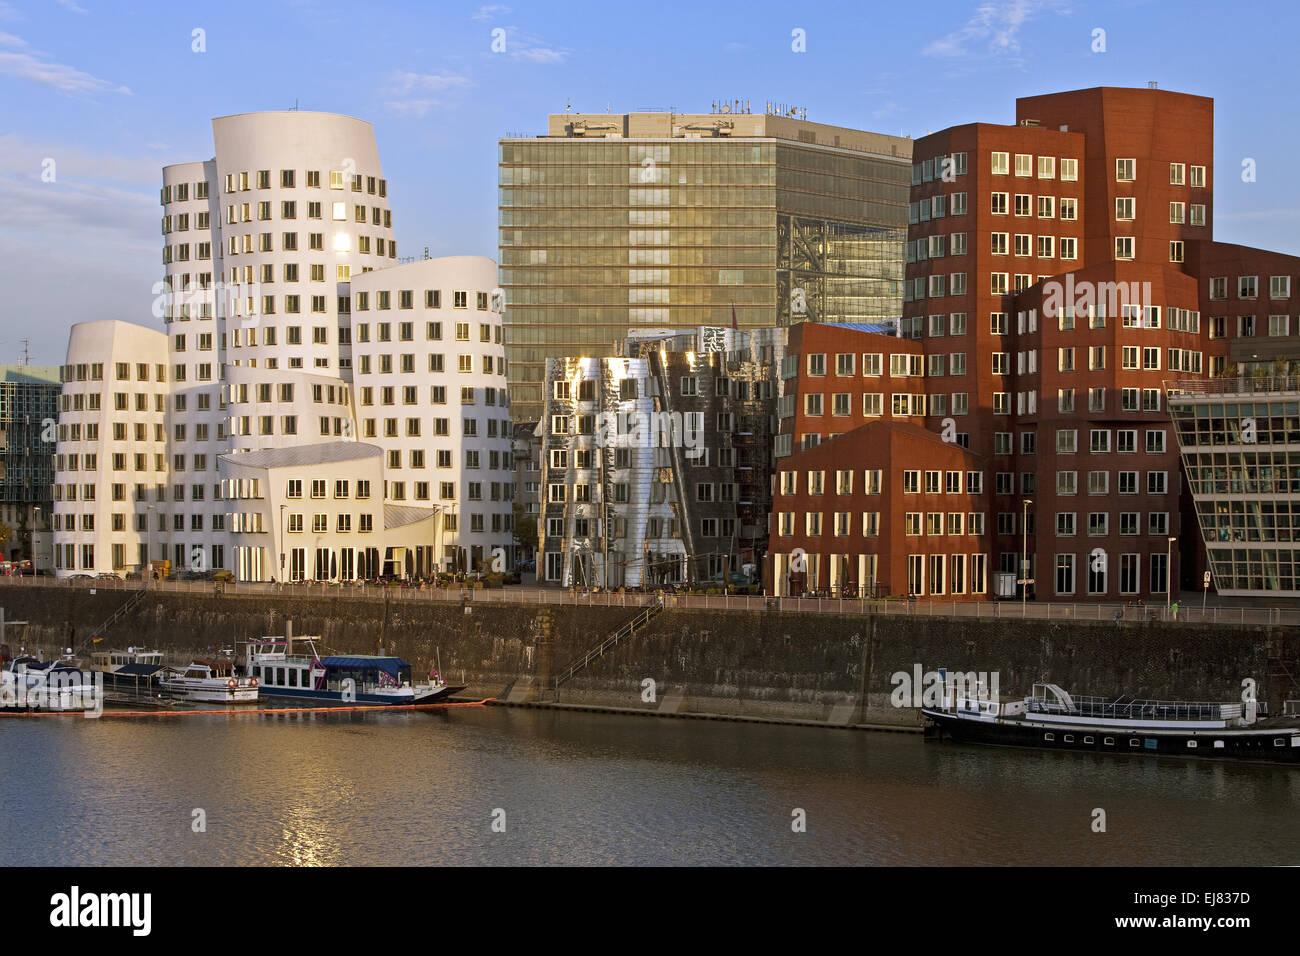 Gehry-Bauten, Düsseldorf, Deutschland Stockbild